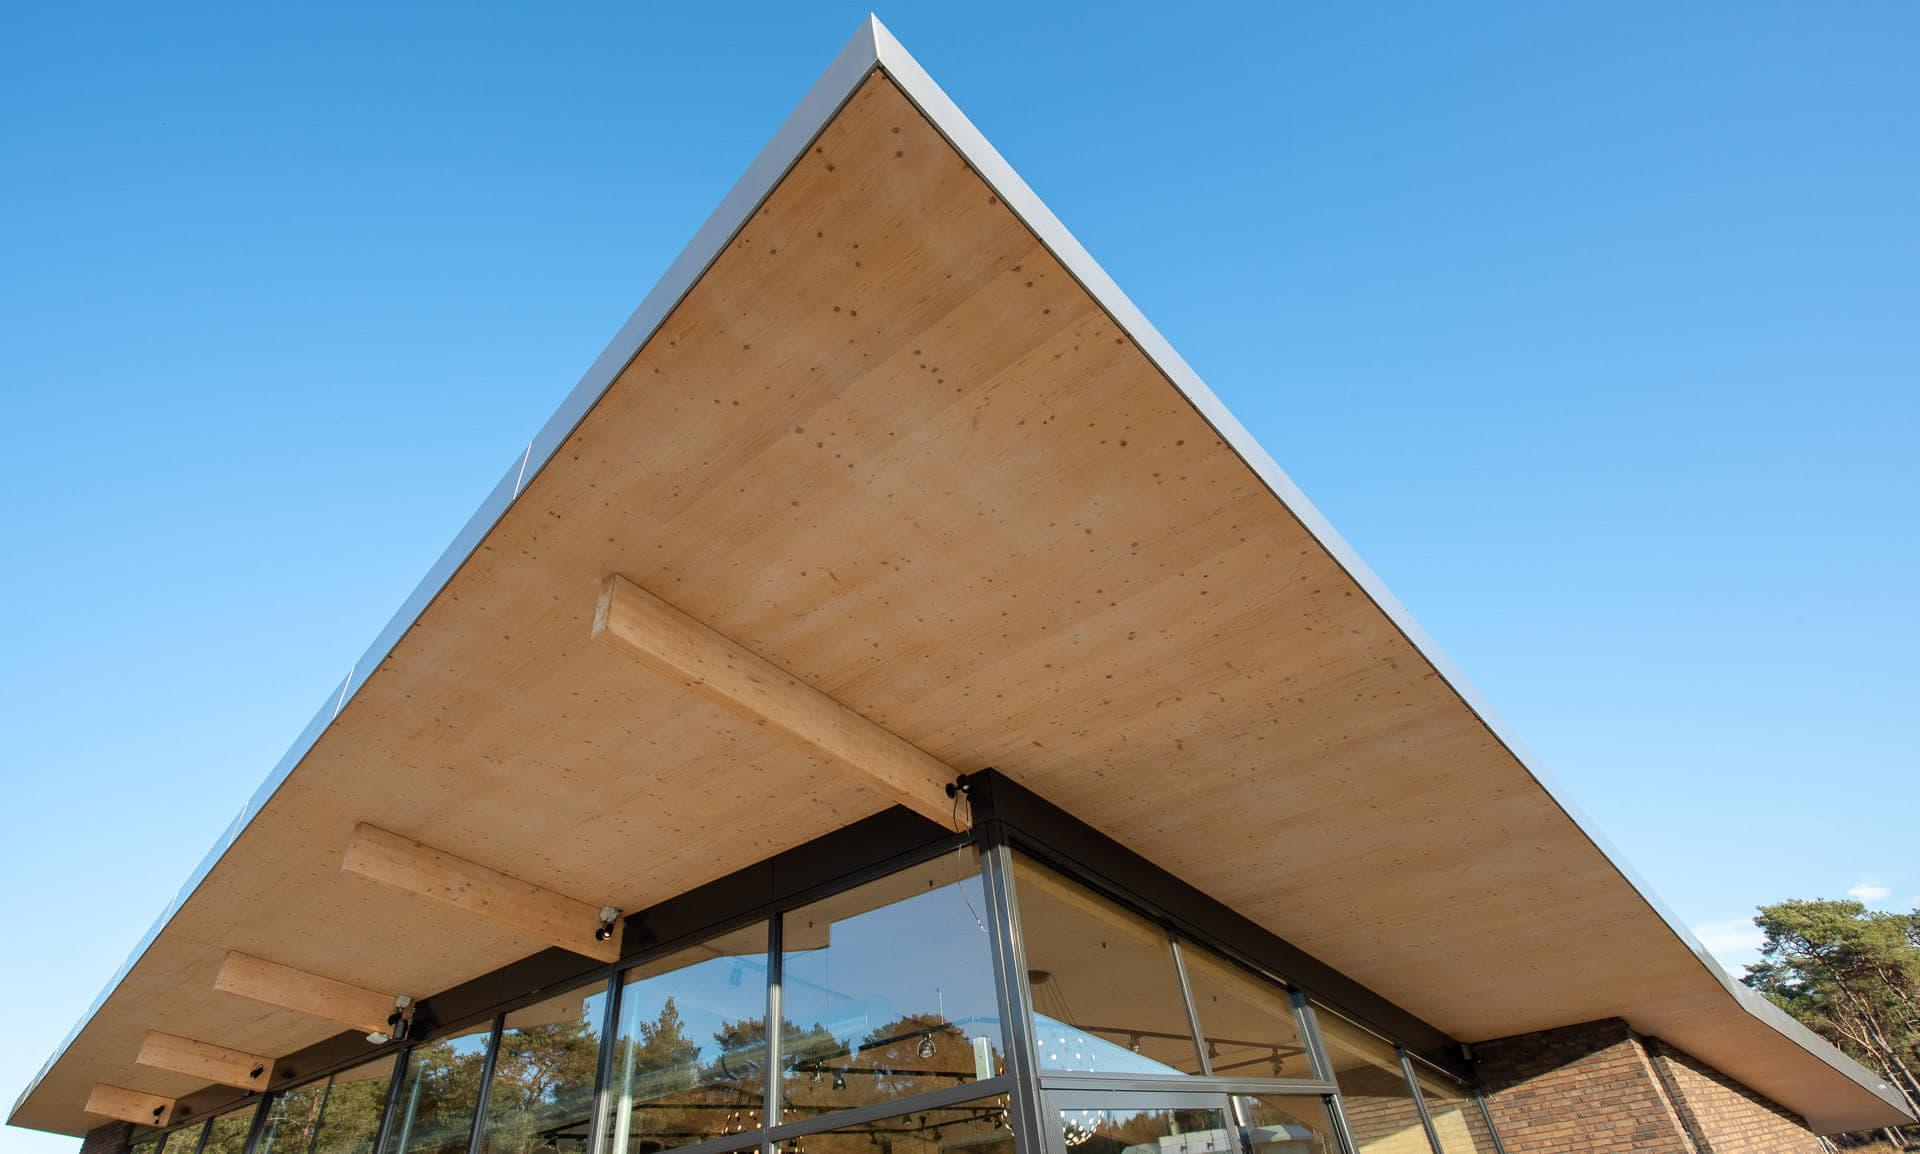 Punt van een strak dak met hout en een